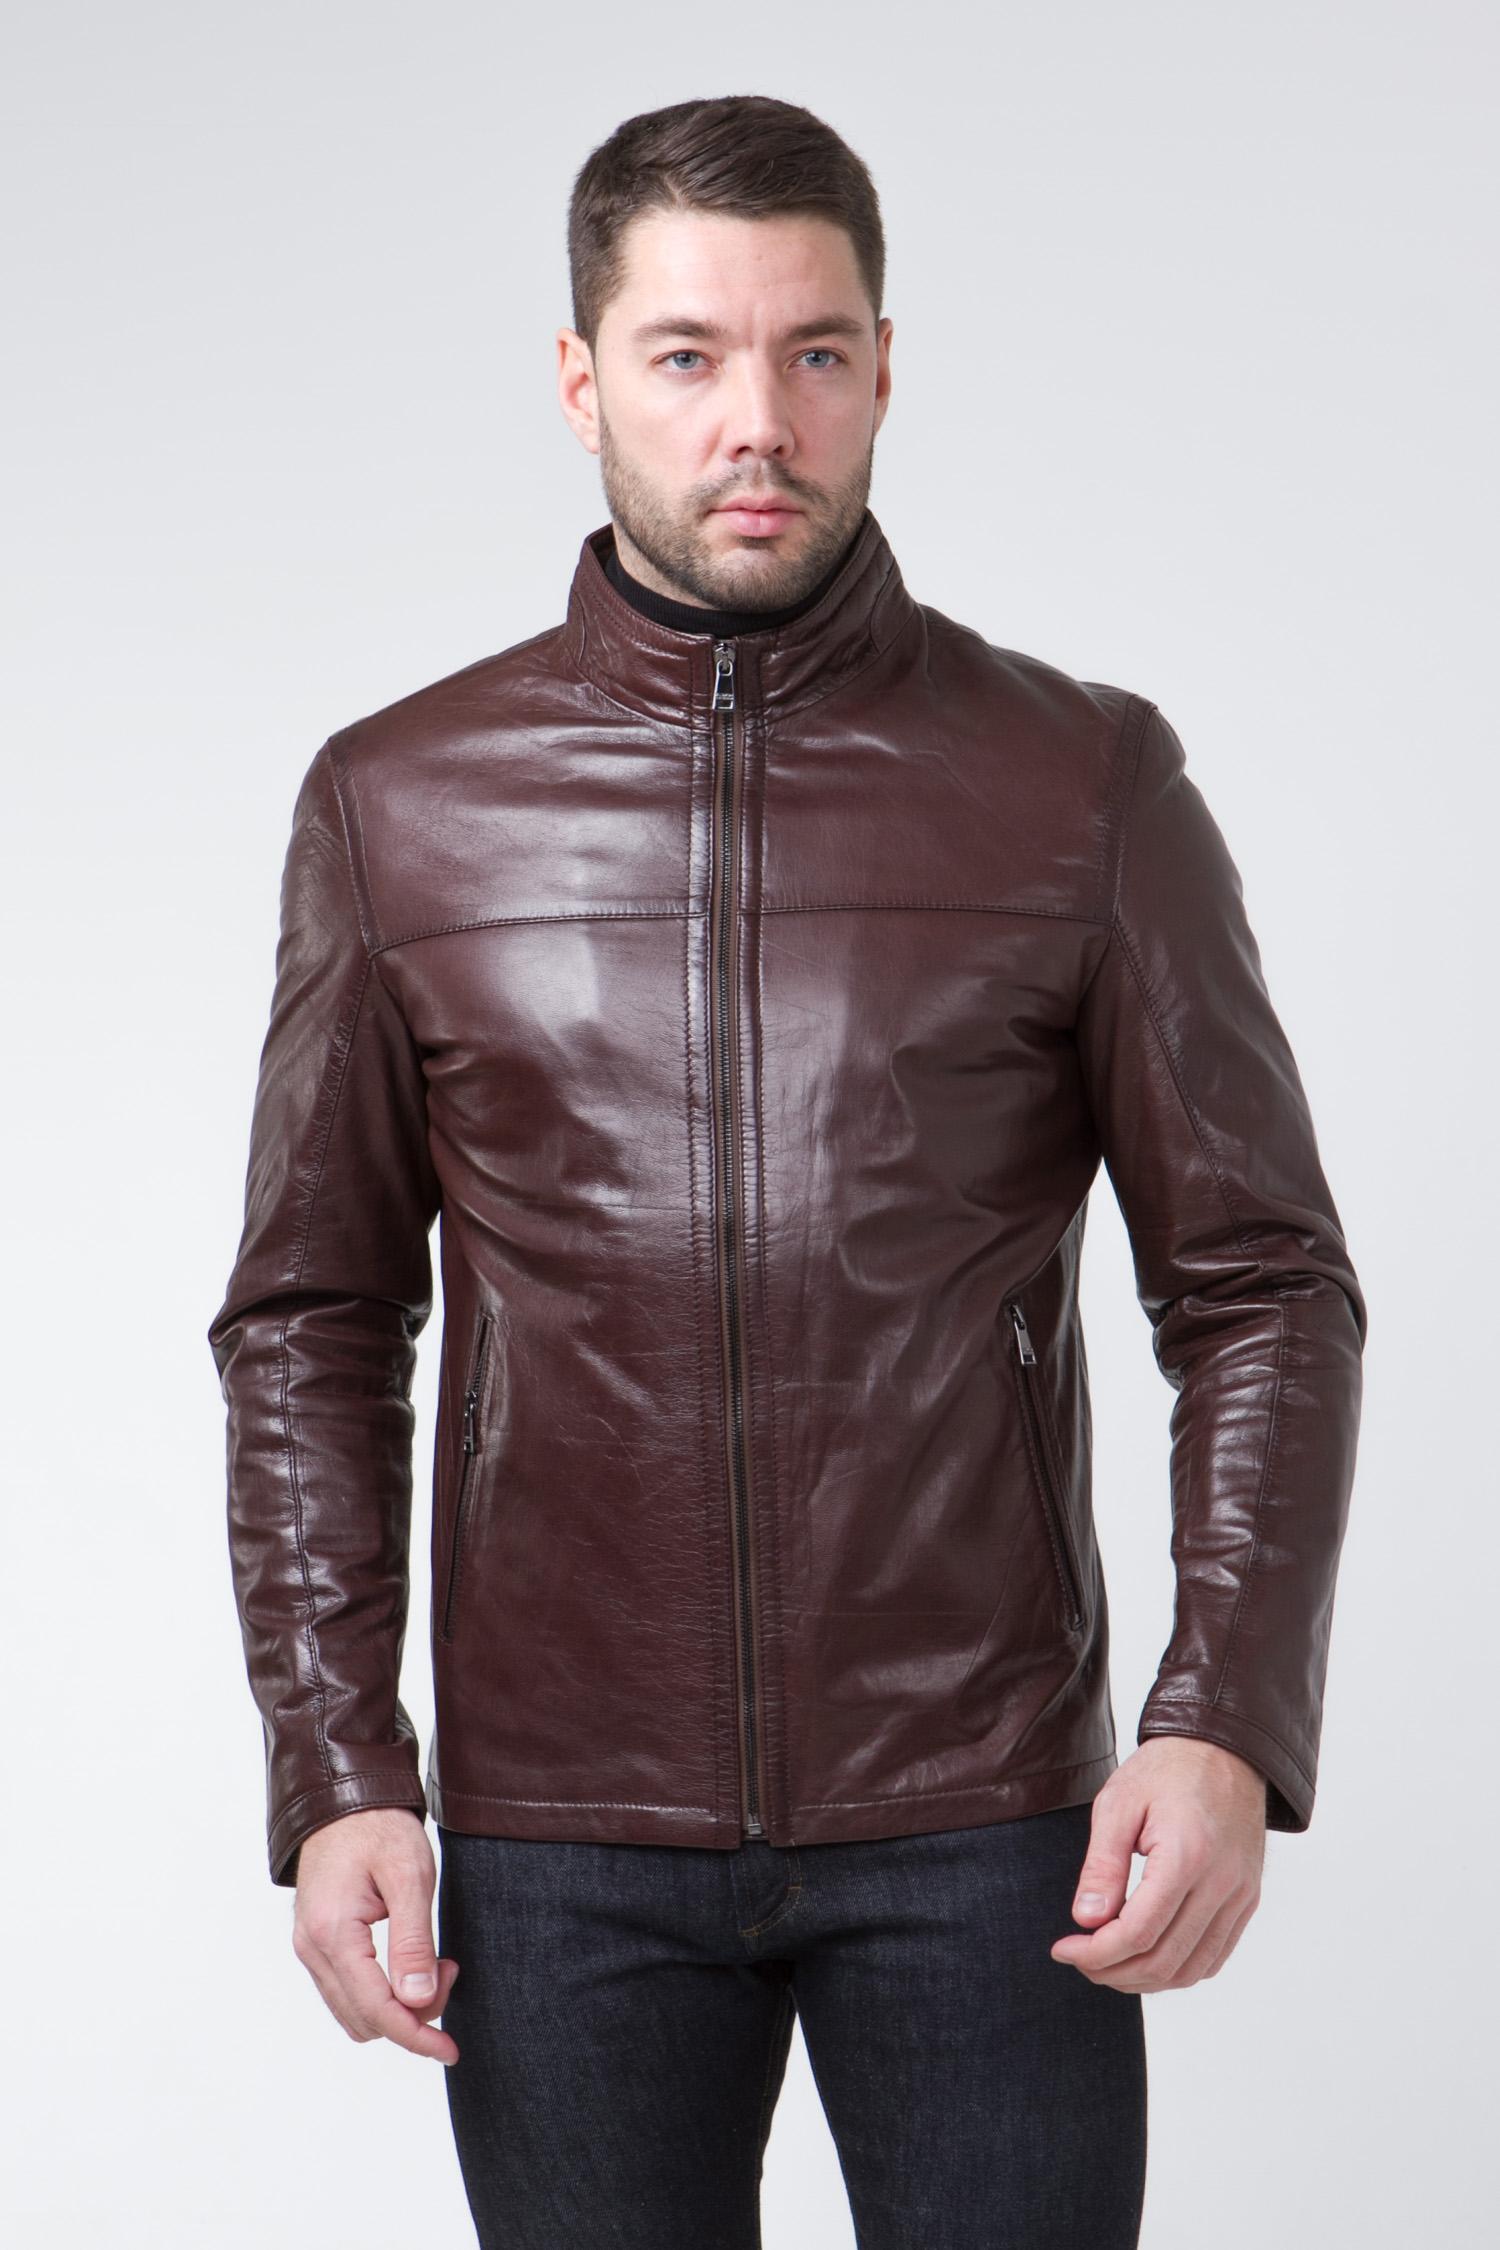 Мужская кожаная куртка из натуральной кожи с воротником, без отделки<br><br>Воротник: стойка<br>Длина см: Короткая (51-74 )<br>Материал: Кожа овчина<br>Цвет: коричневый<br>Вид застежки: центральная<br>Застежка: на молнии<br>Пол: Мужской<br>Размер RU: 50